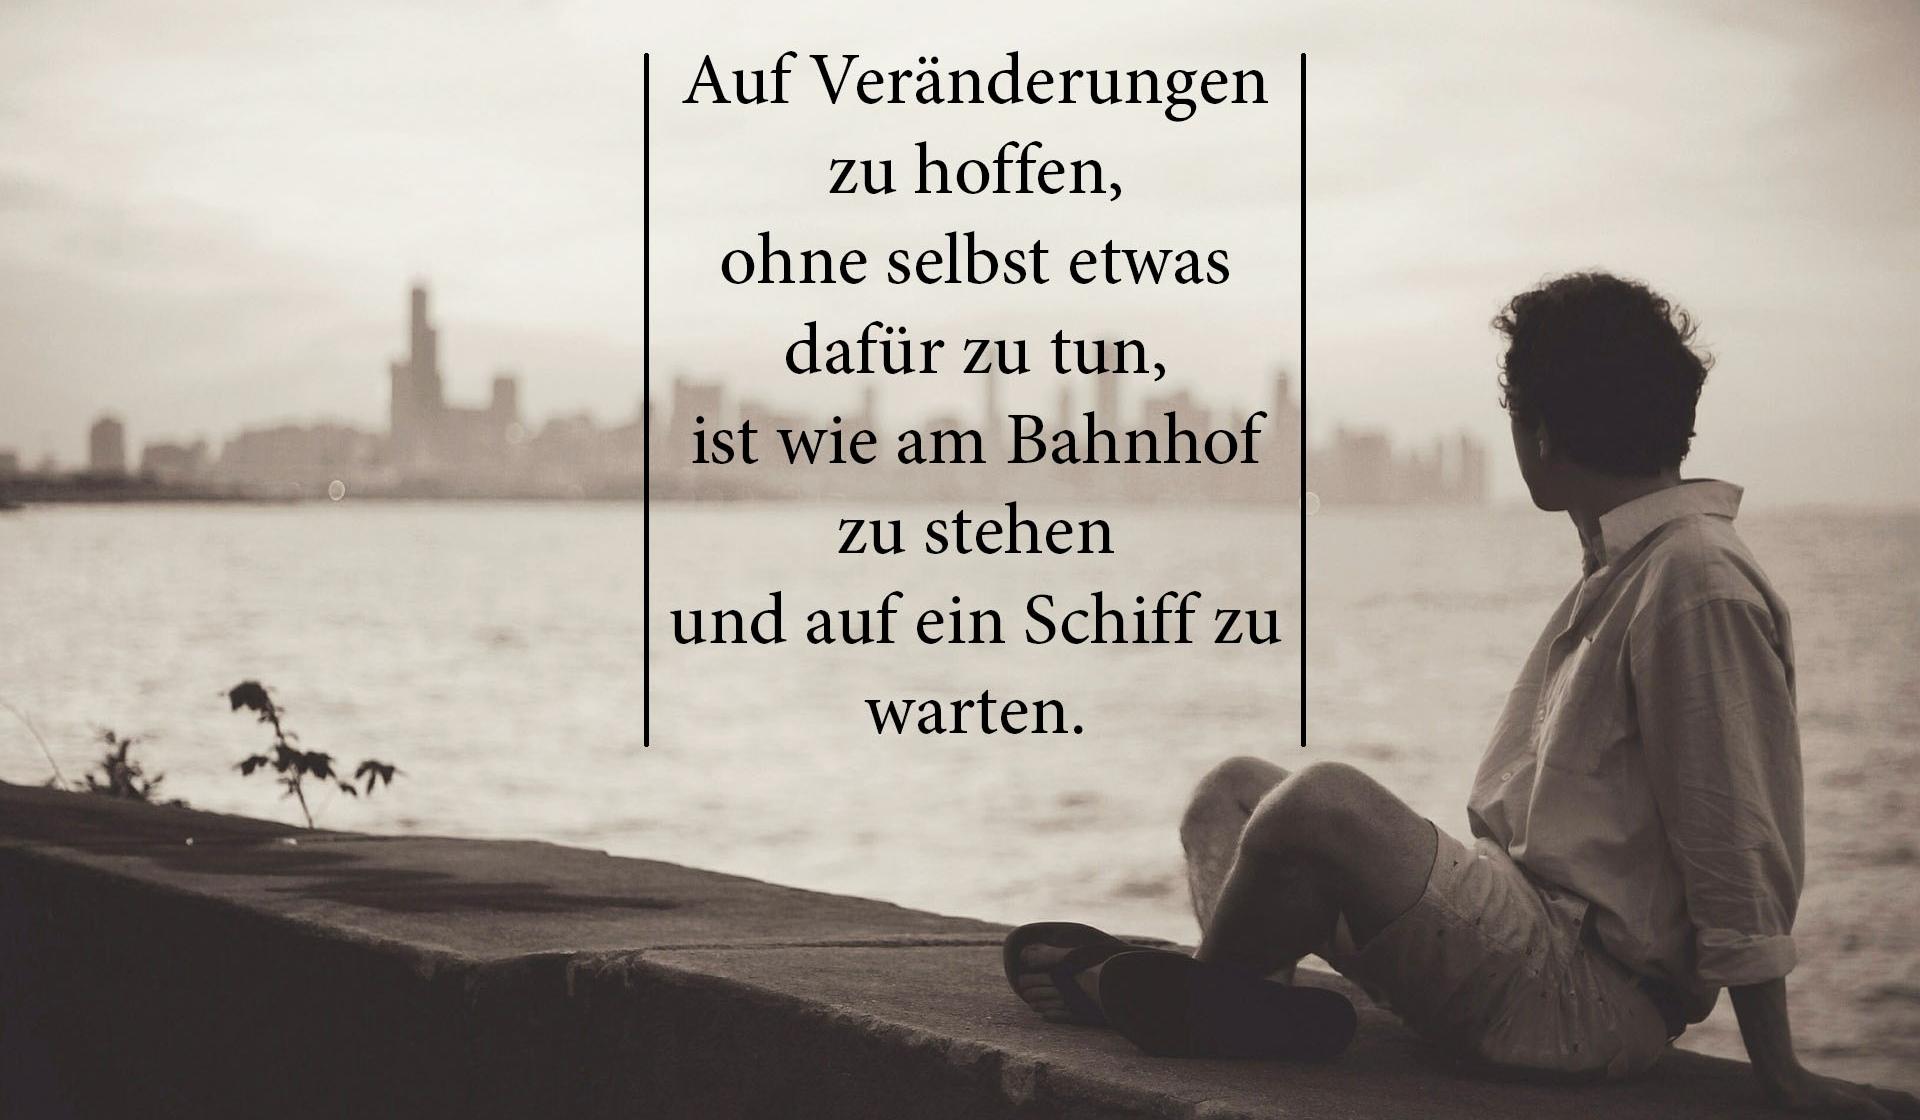 Mann auf Mauer und Zitat zum Wünschen / Hoffen.